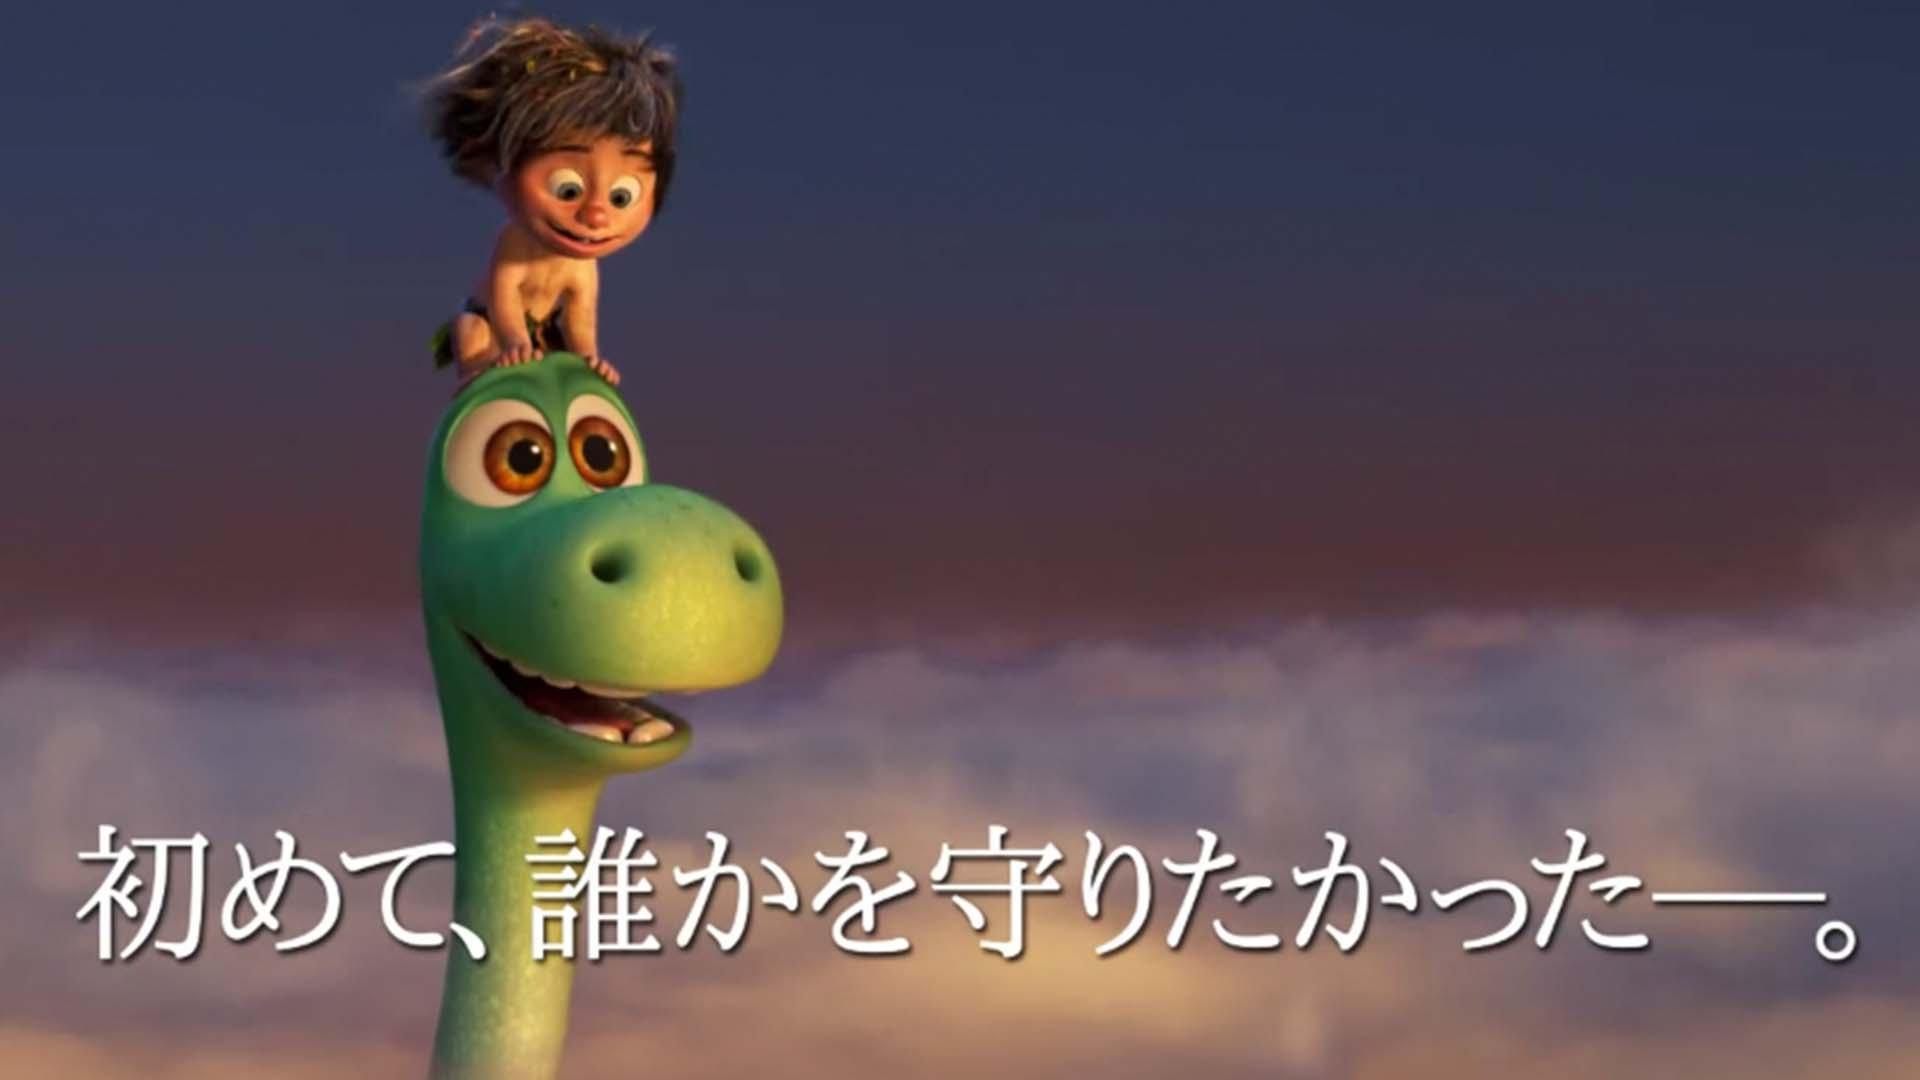 映画『アーロと少年』予告編 #ディズニー #Disney #followme